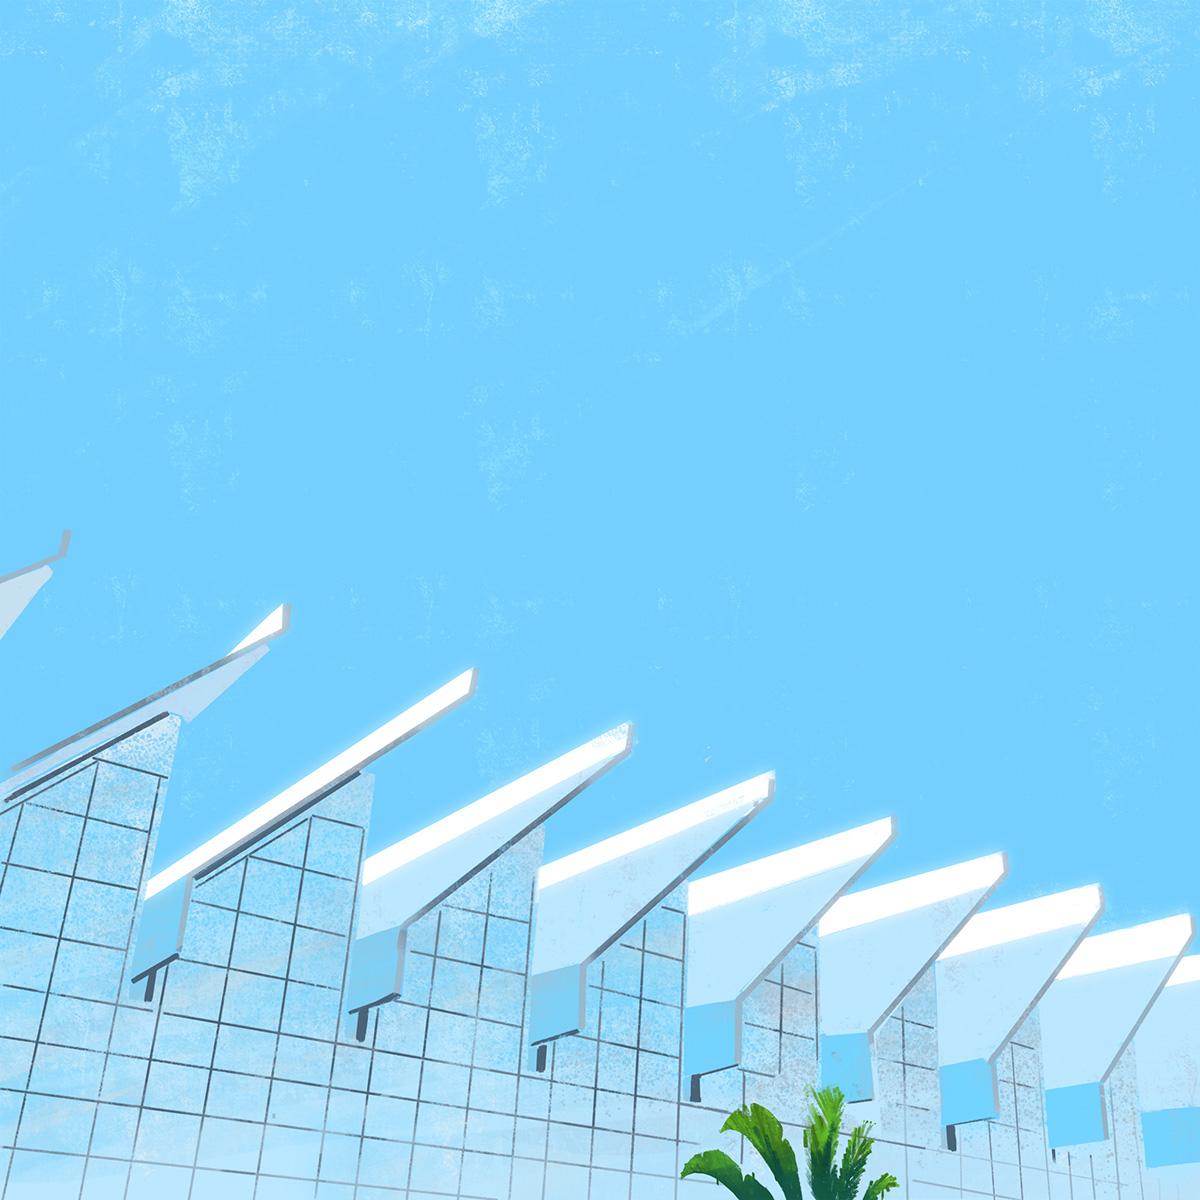 Ilustra es arquitet nicas minimalistas de edif cios - Edificios minimalistas ...